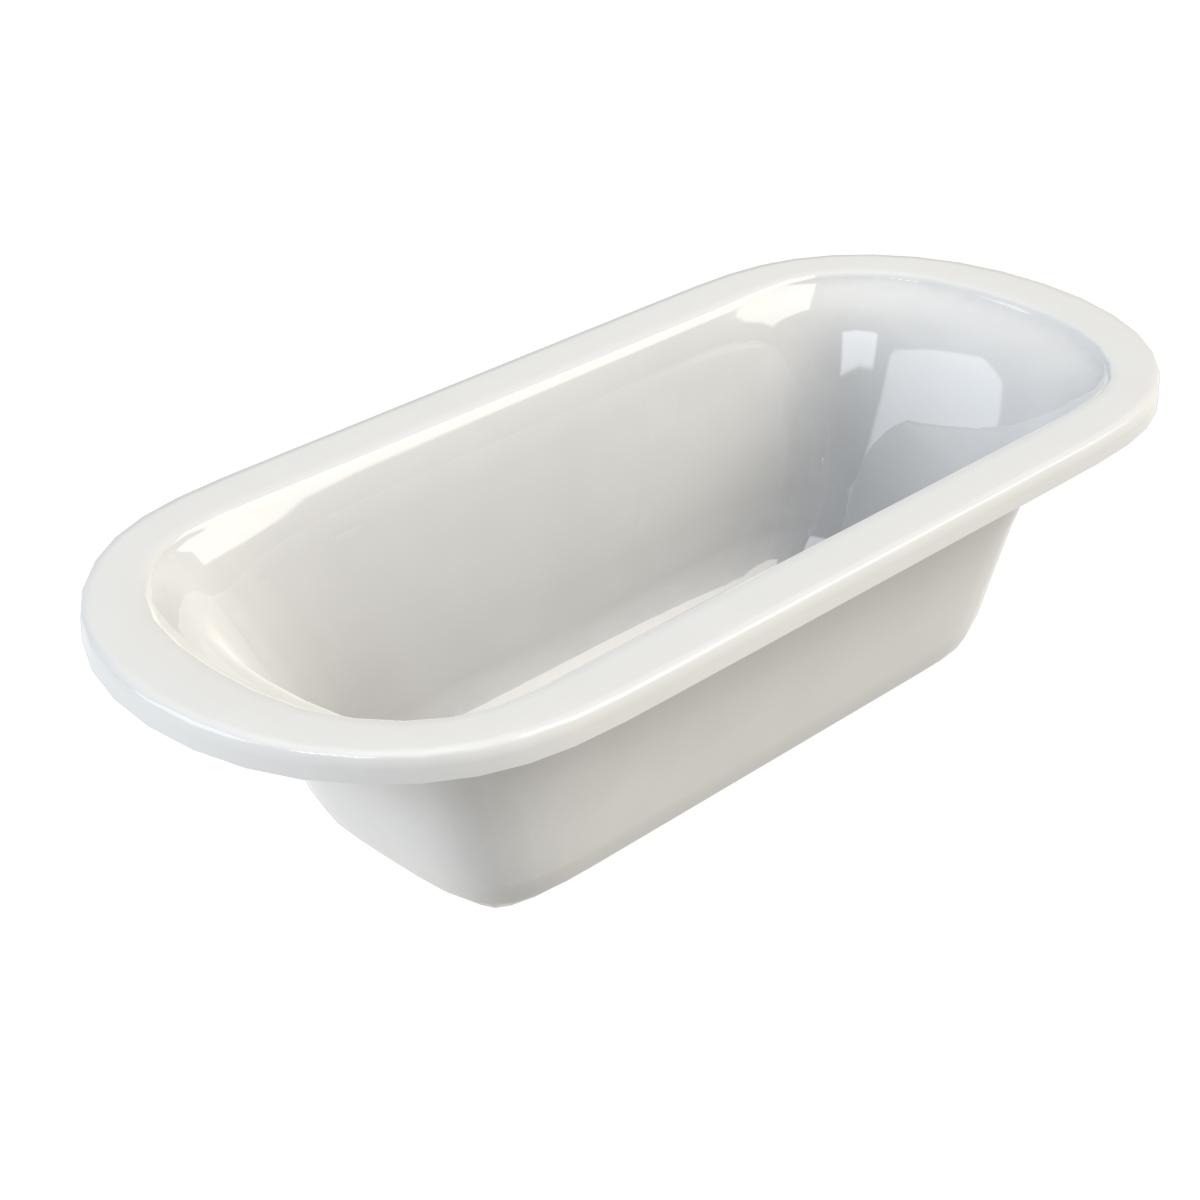 Brent varese ovaal ligbad kleine badkamers - Kleine badkamer in lengte ...